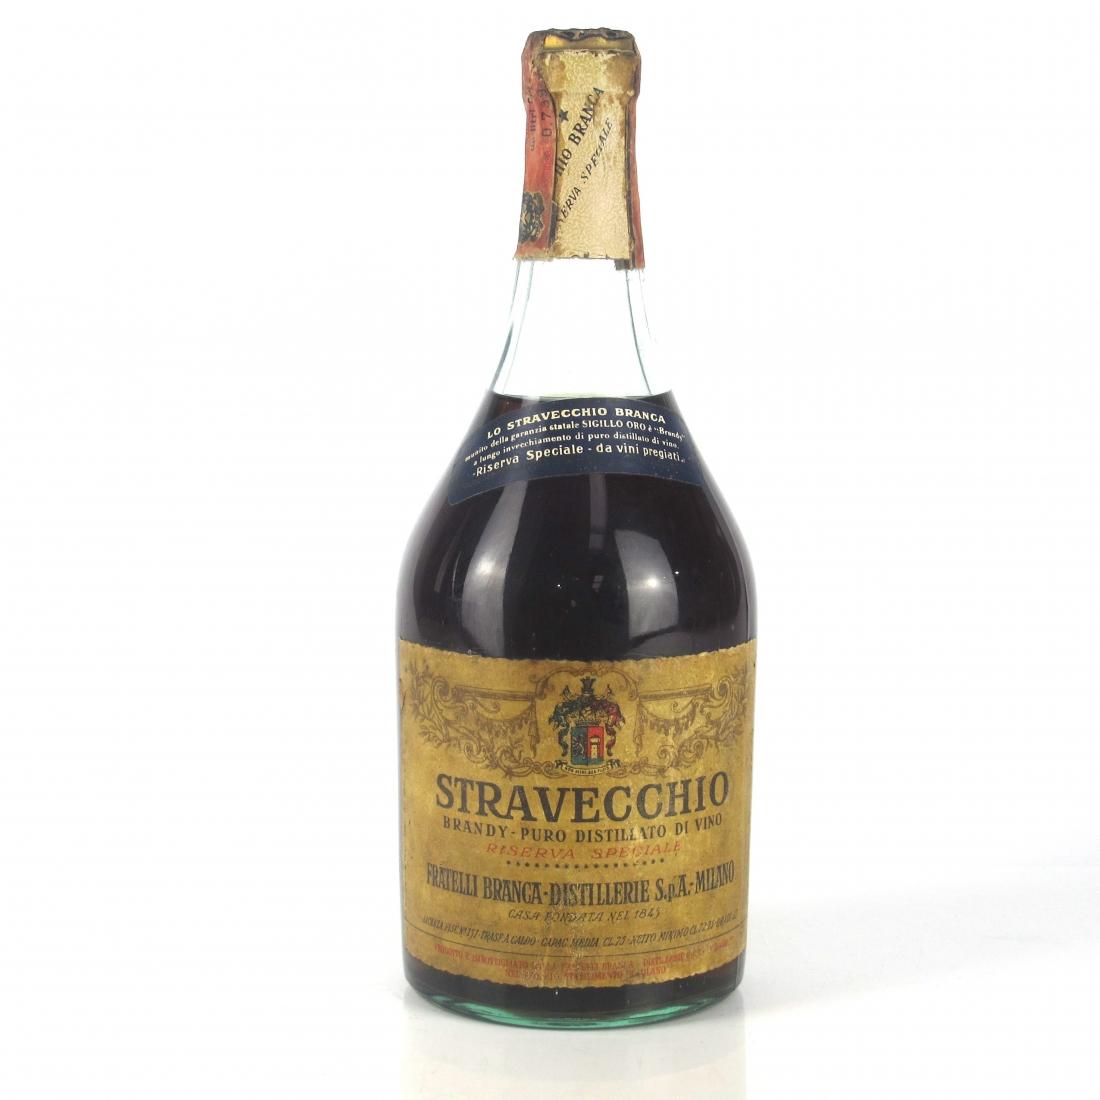 Fratelli Branca Stravecchio Brandy Riserva Speciale 1950s